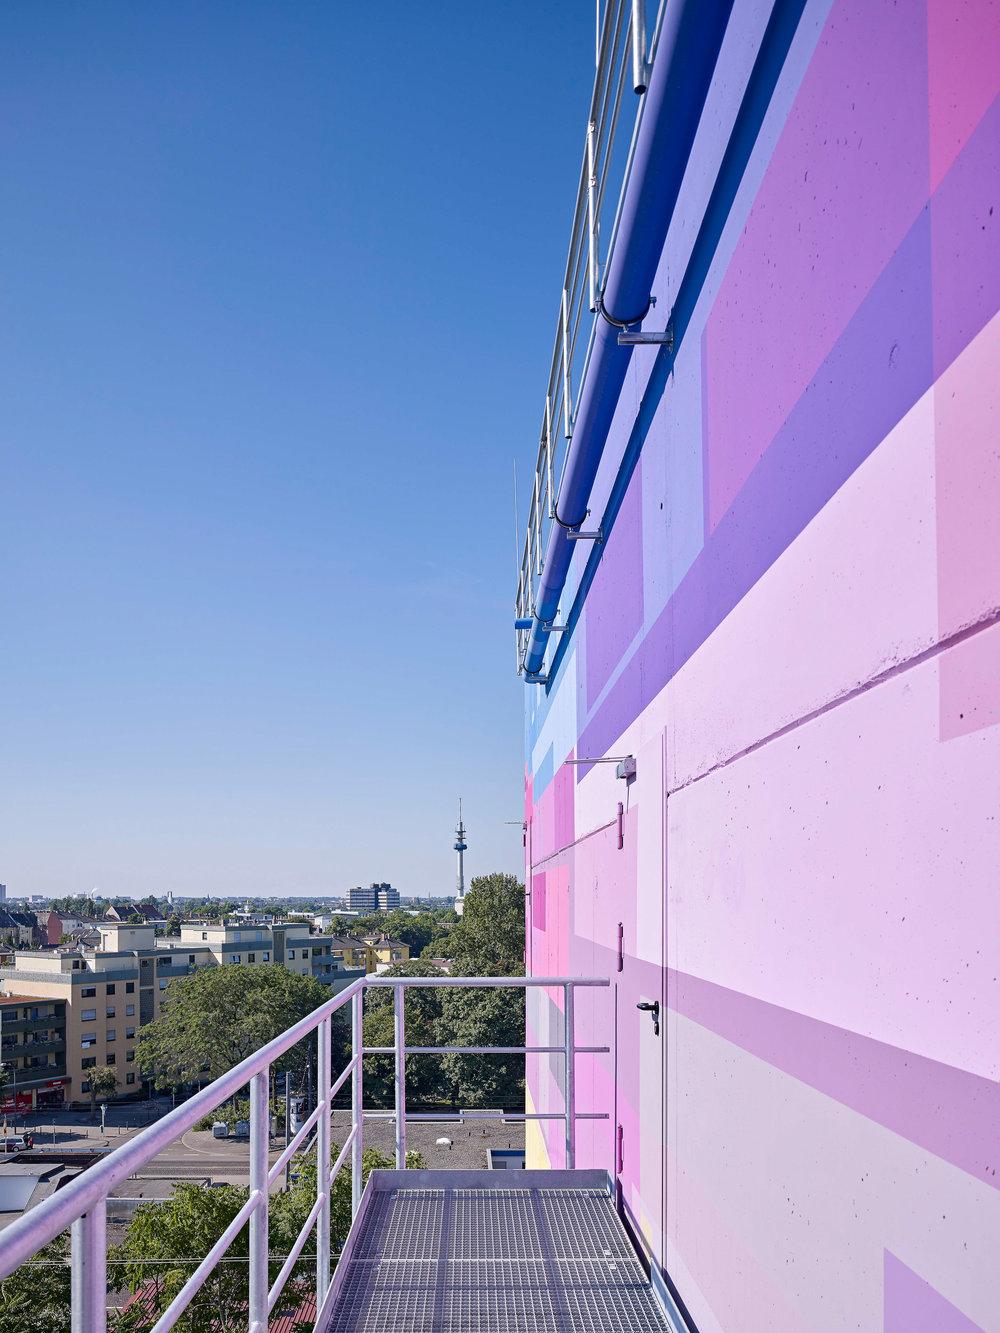 Fassadengestaltung-auf-Putz-beton-farbdesign-industrie-heizkraftwerk-ludiwgshafen.jpg